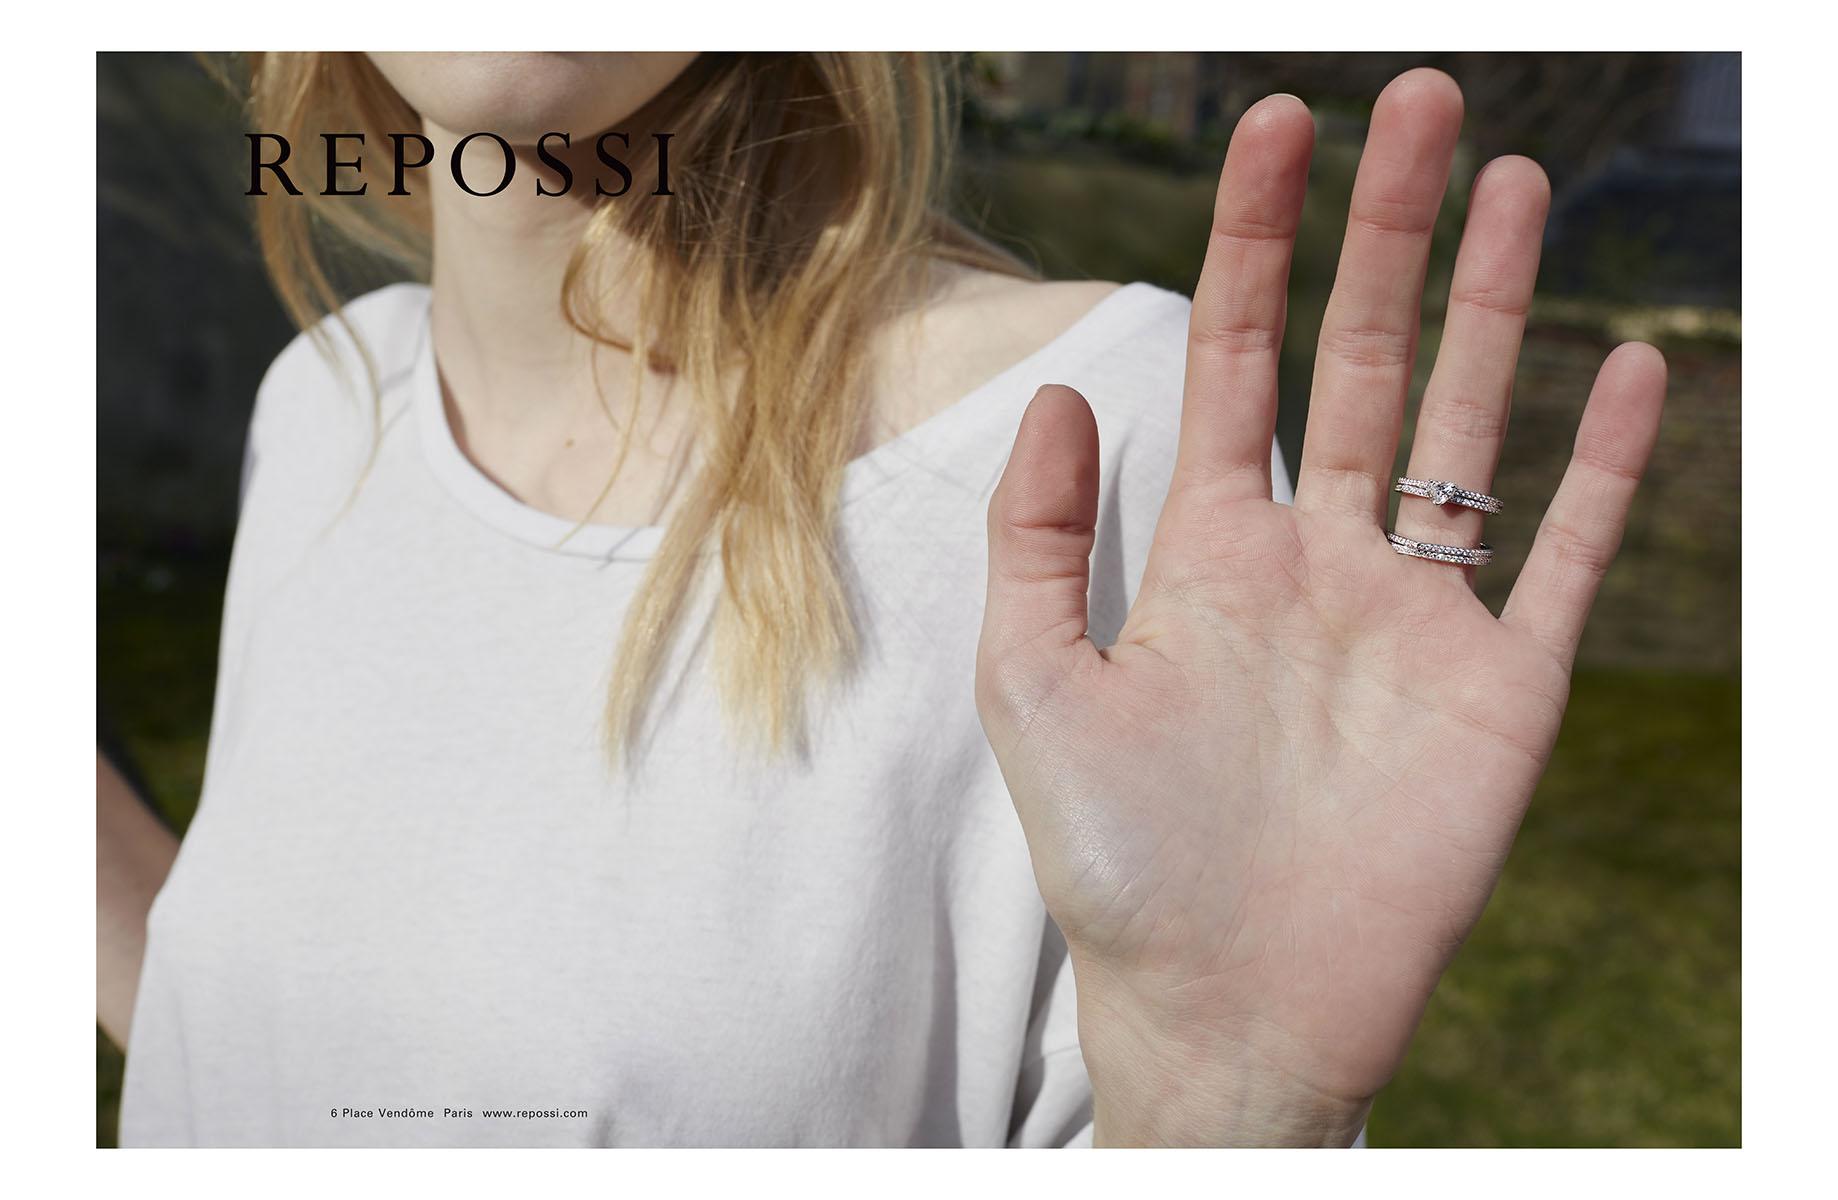 Repossi-spring-2017-ad-campaign-the-impression-01